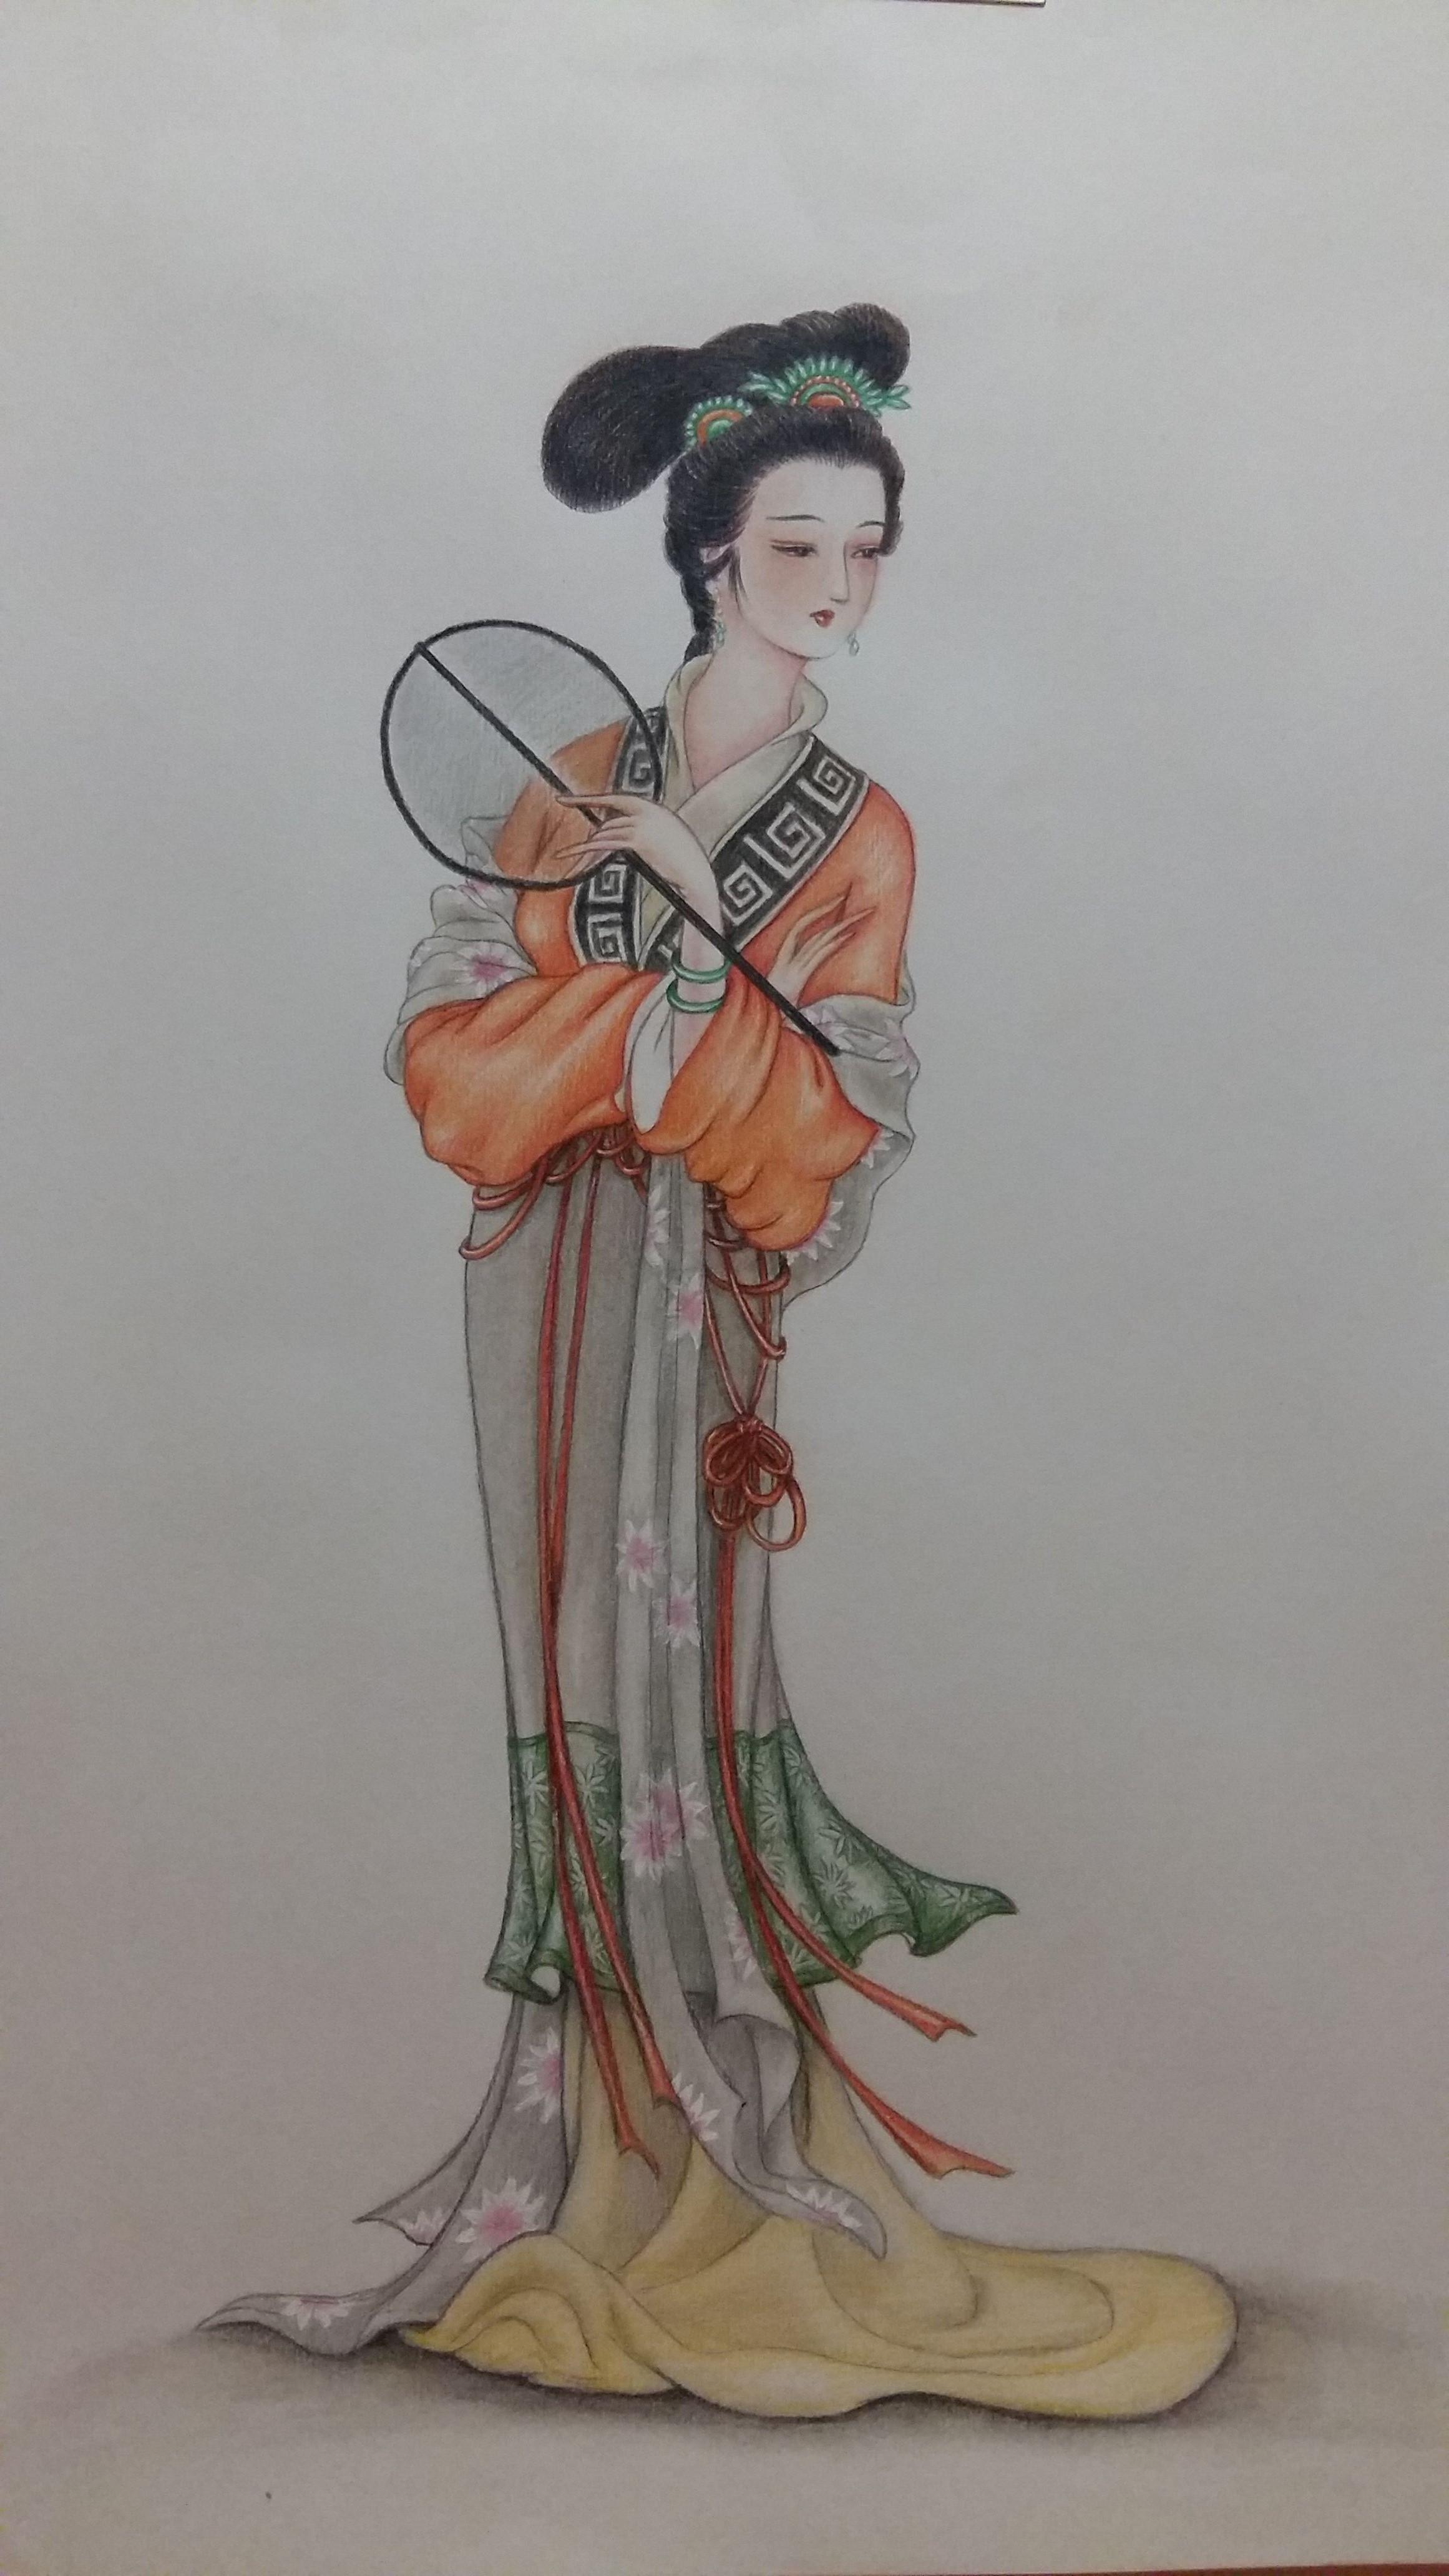 彩铅手绘仕女